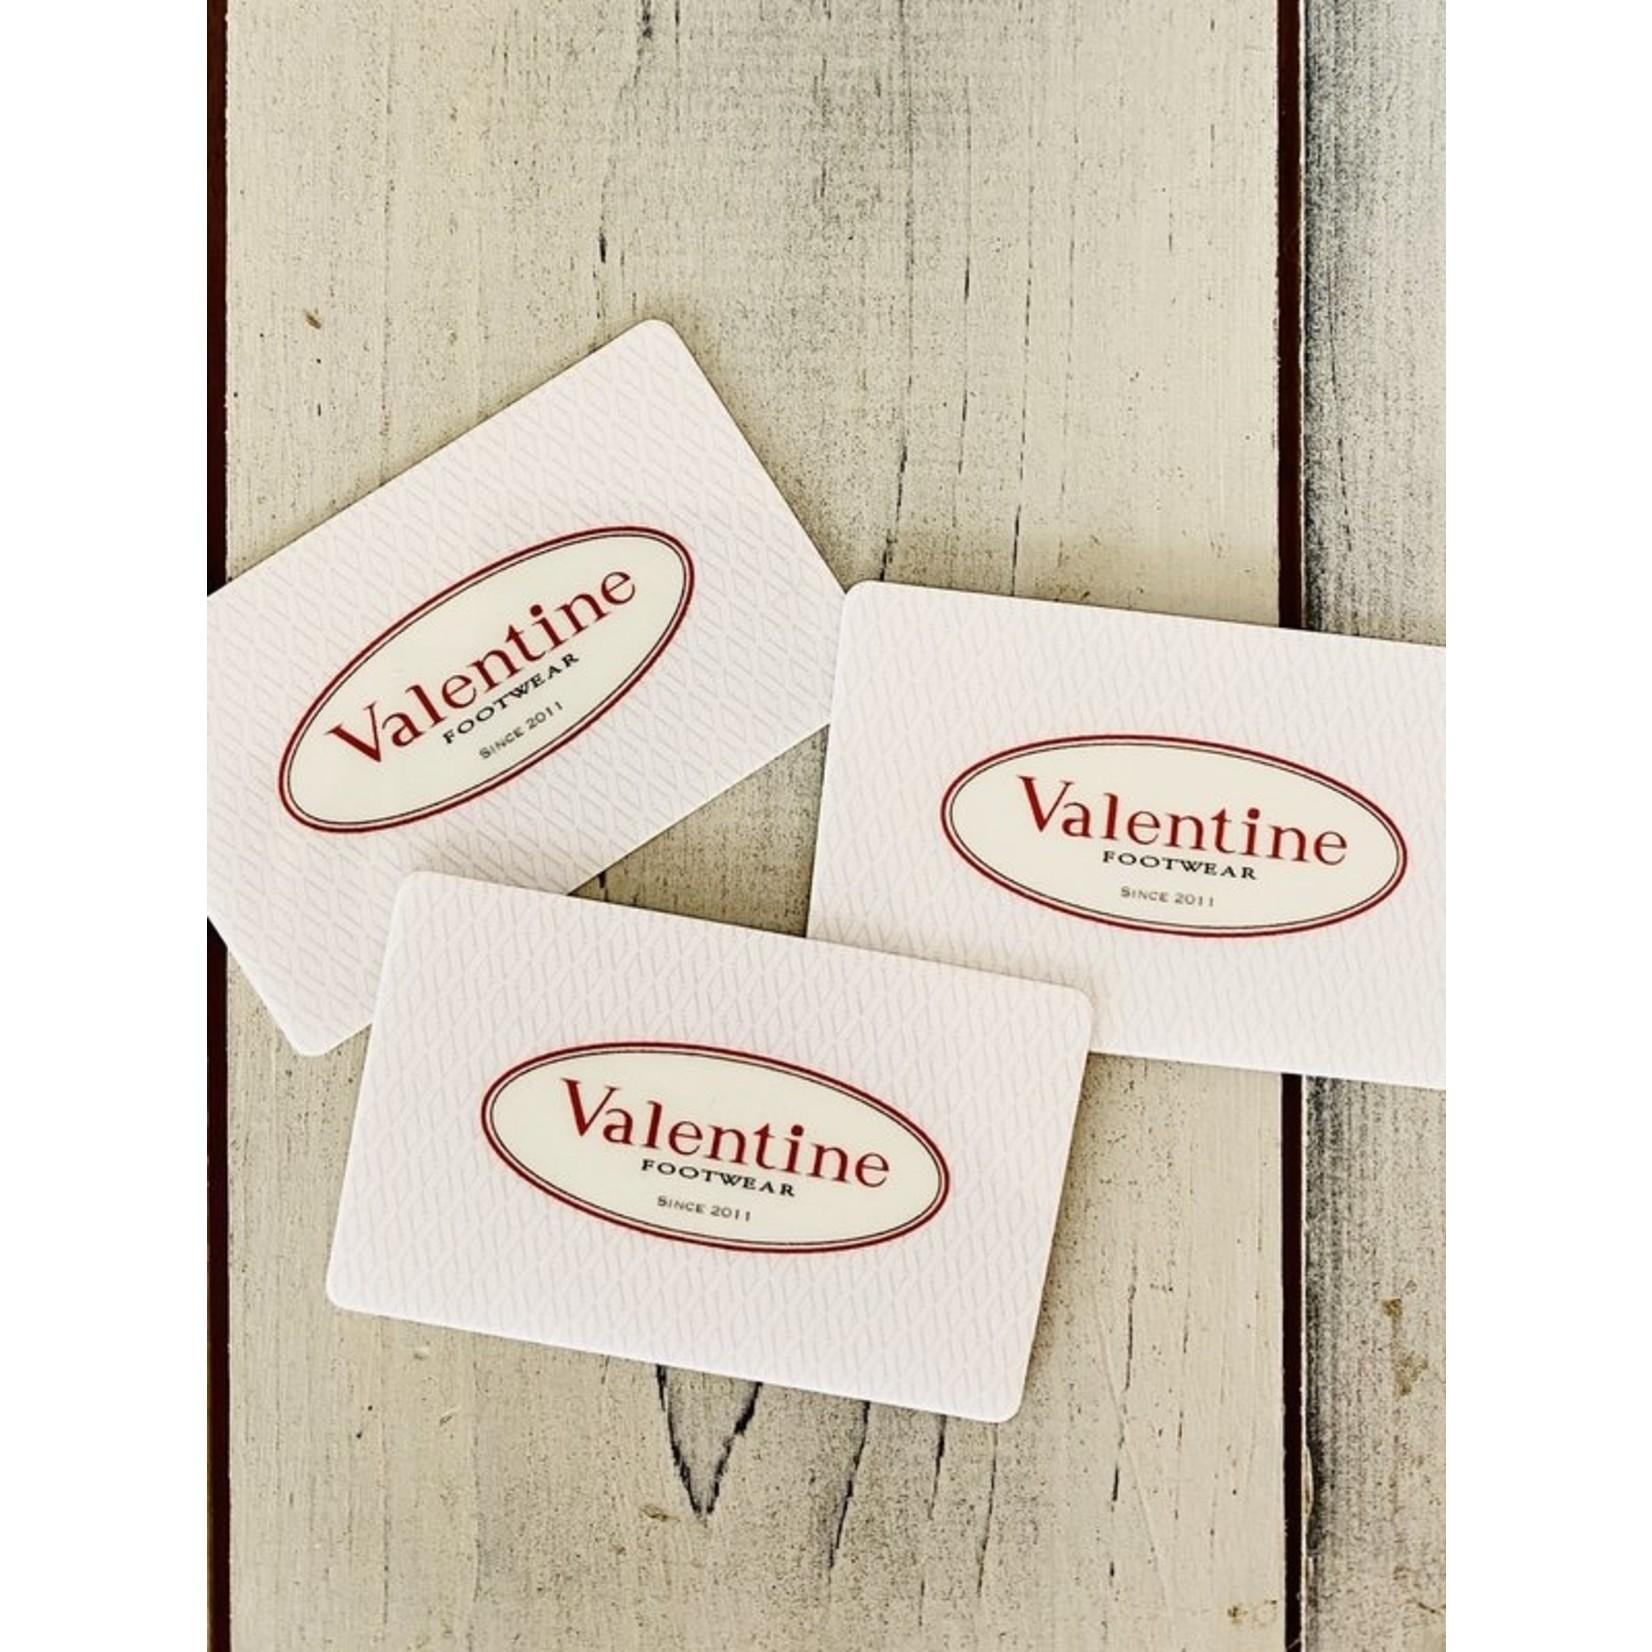 Valentine Footwear $50 Gift Card